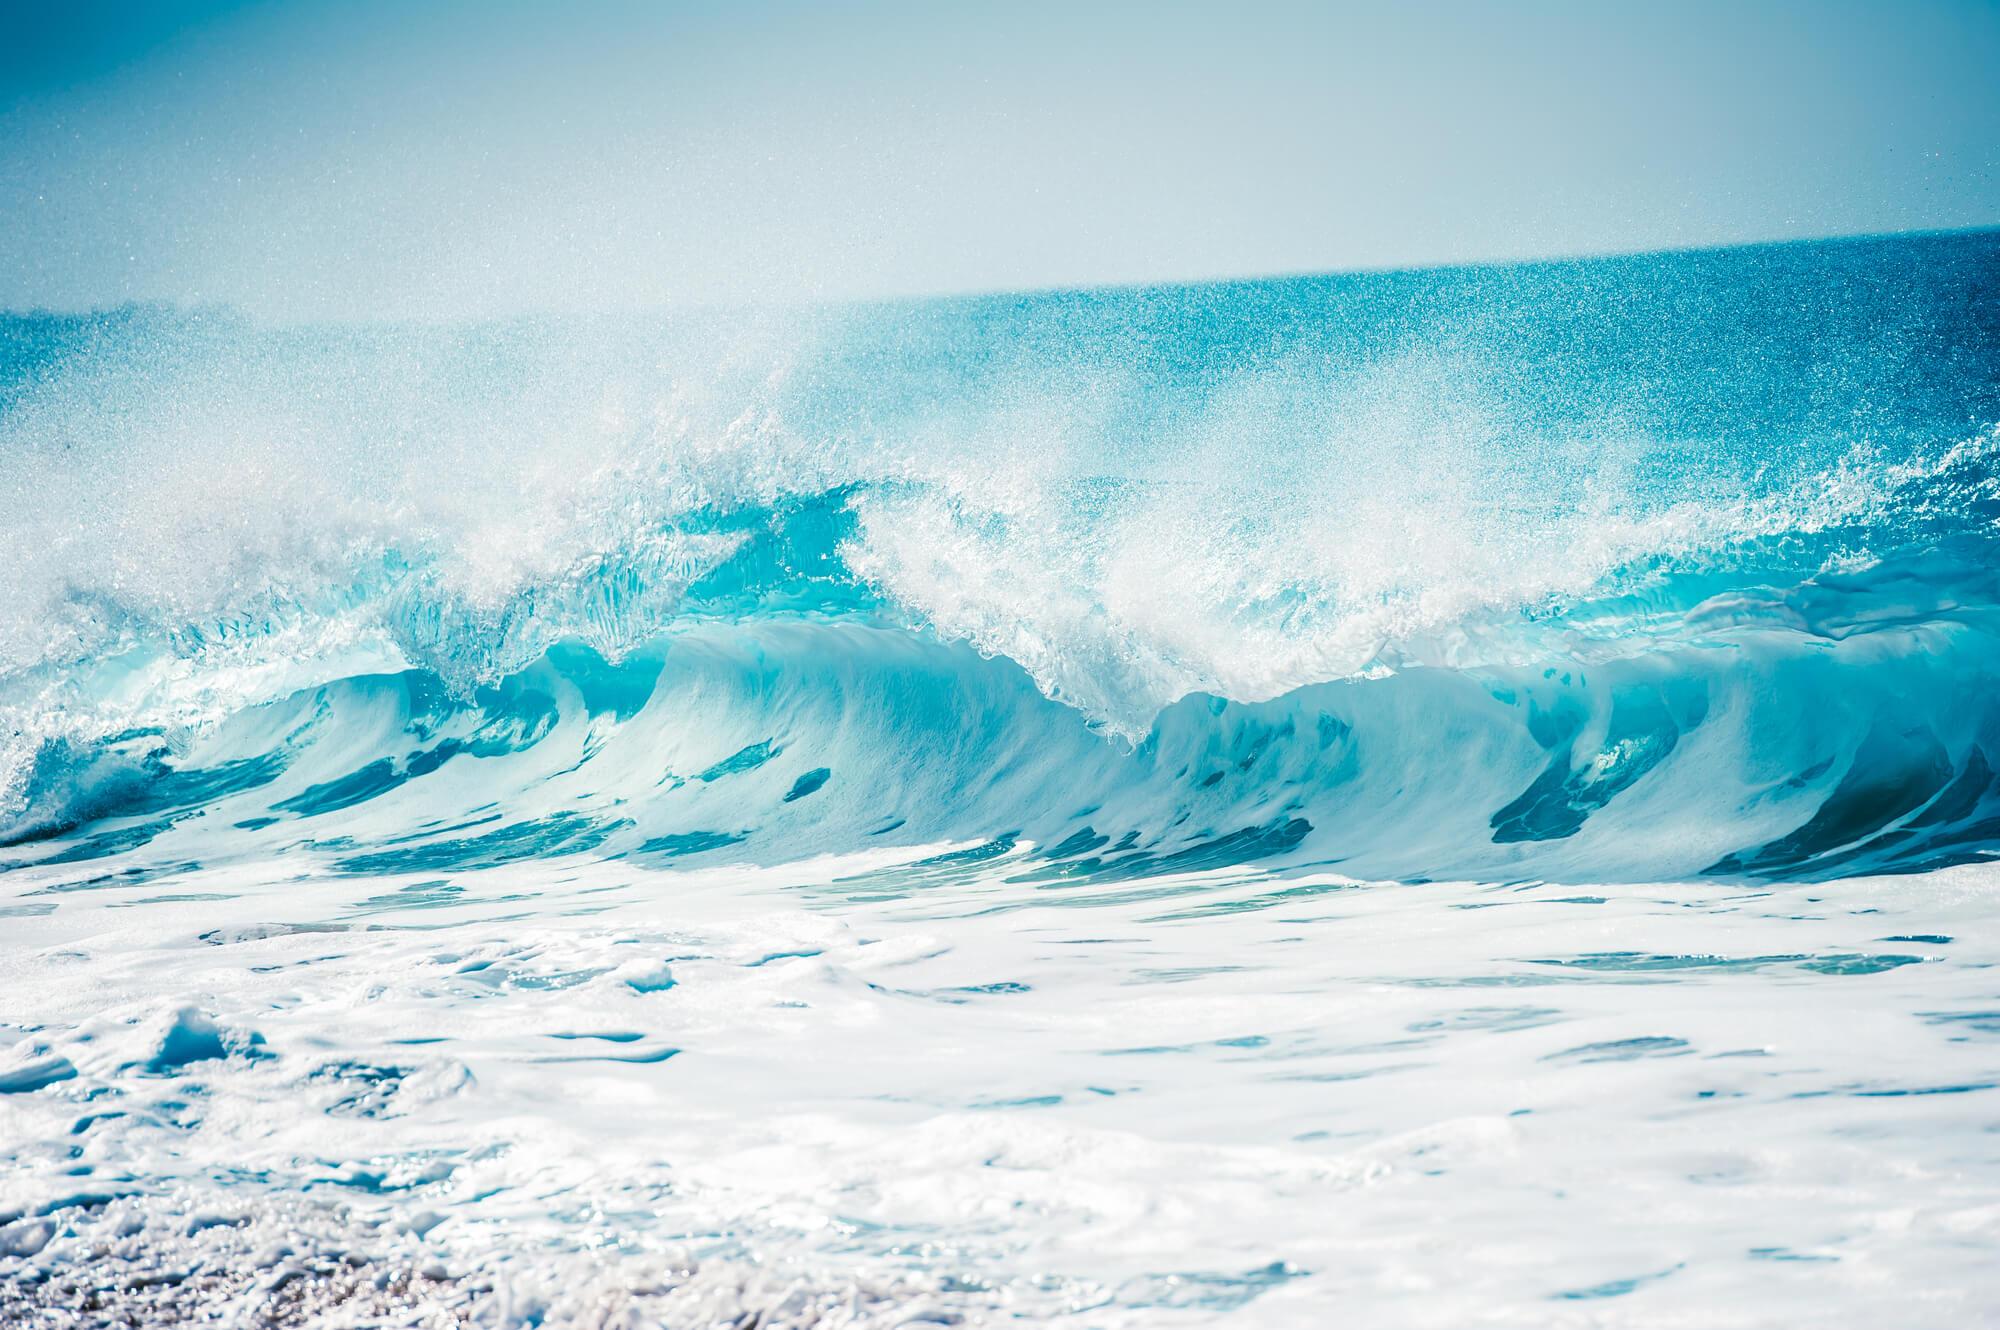 津波 の 夢 の 意味 夢占い津波の夢の意味!助ける・逃げ切る・巻き込まれる?